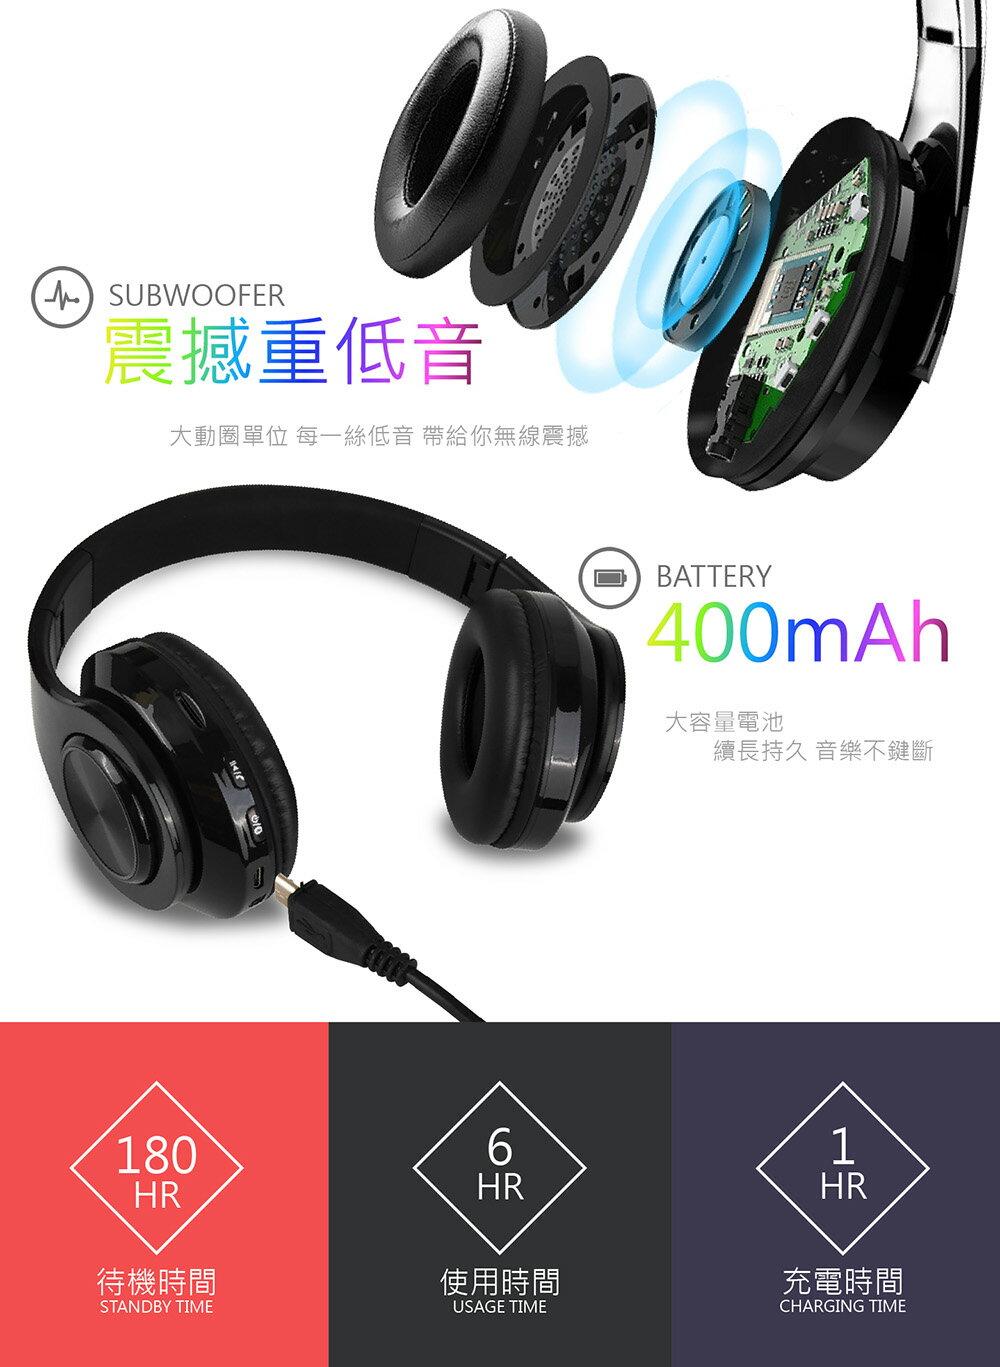 【耳罩式升級版!Wireless炫彩藍牙耳機】可插卡 耳罩式藍牙耳機 可折疊 無線藍芽耳機 藍芽耳機 藍牙 藍芽【DC065】 3